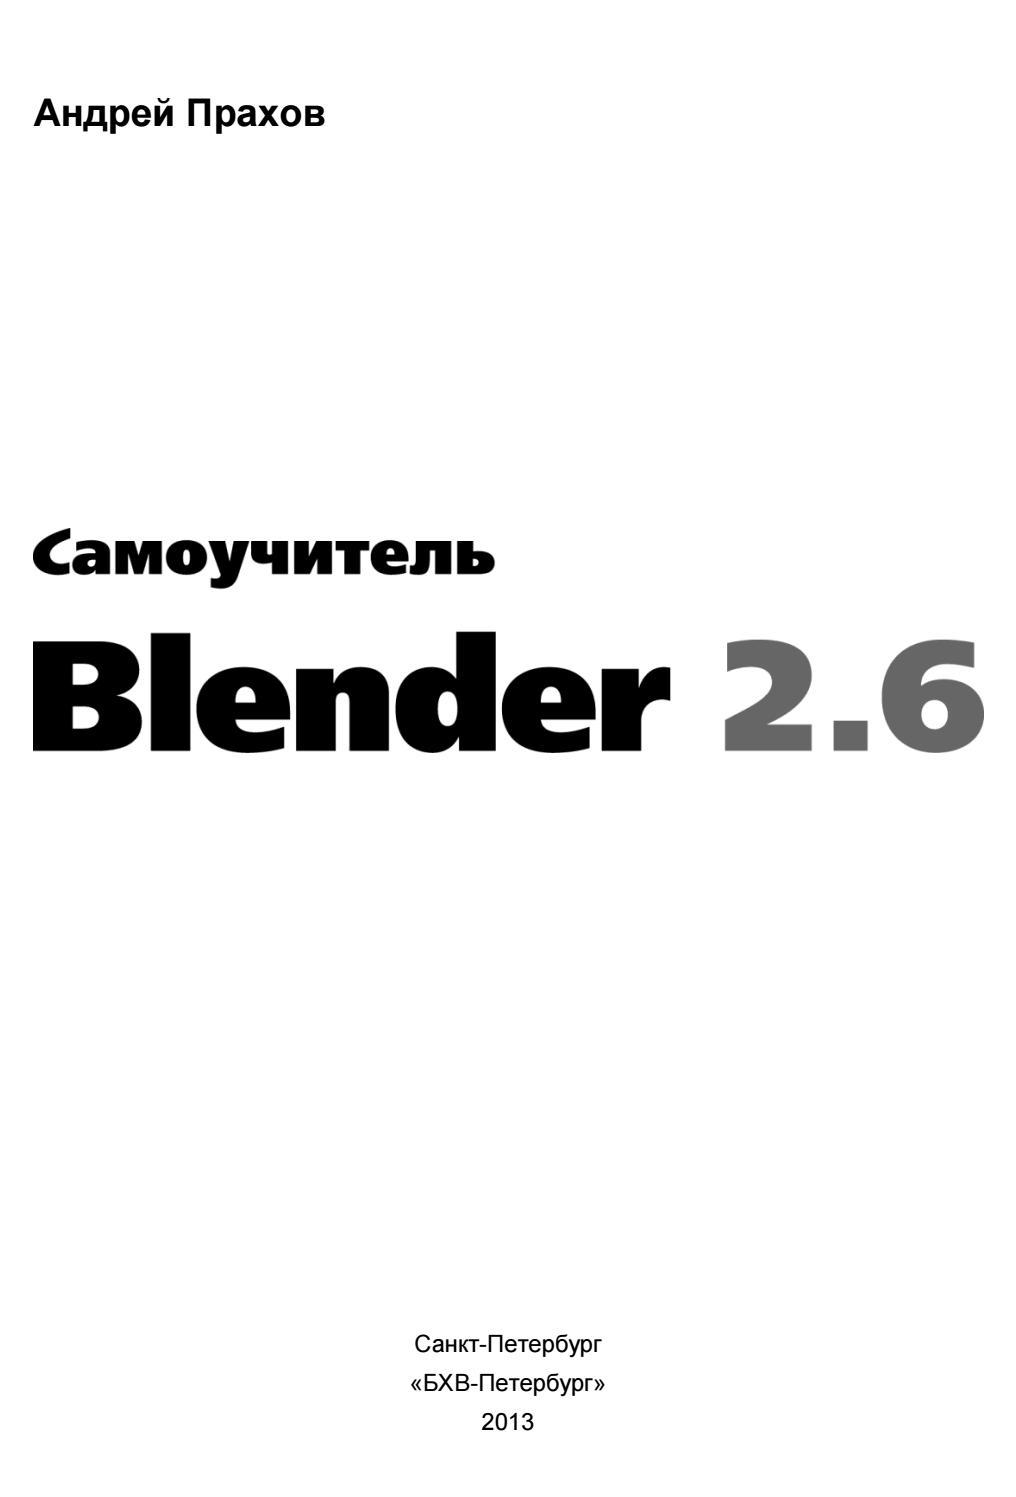 САМОУЧИТЕЛЬ BLENDER 2.7 СКАЧАТЬ БЕСПЛАТНО